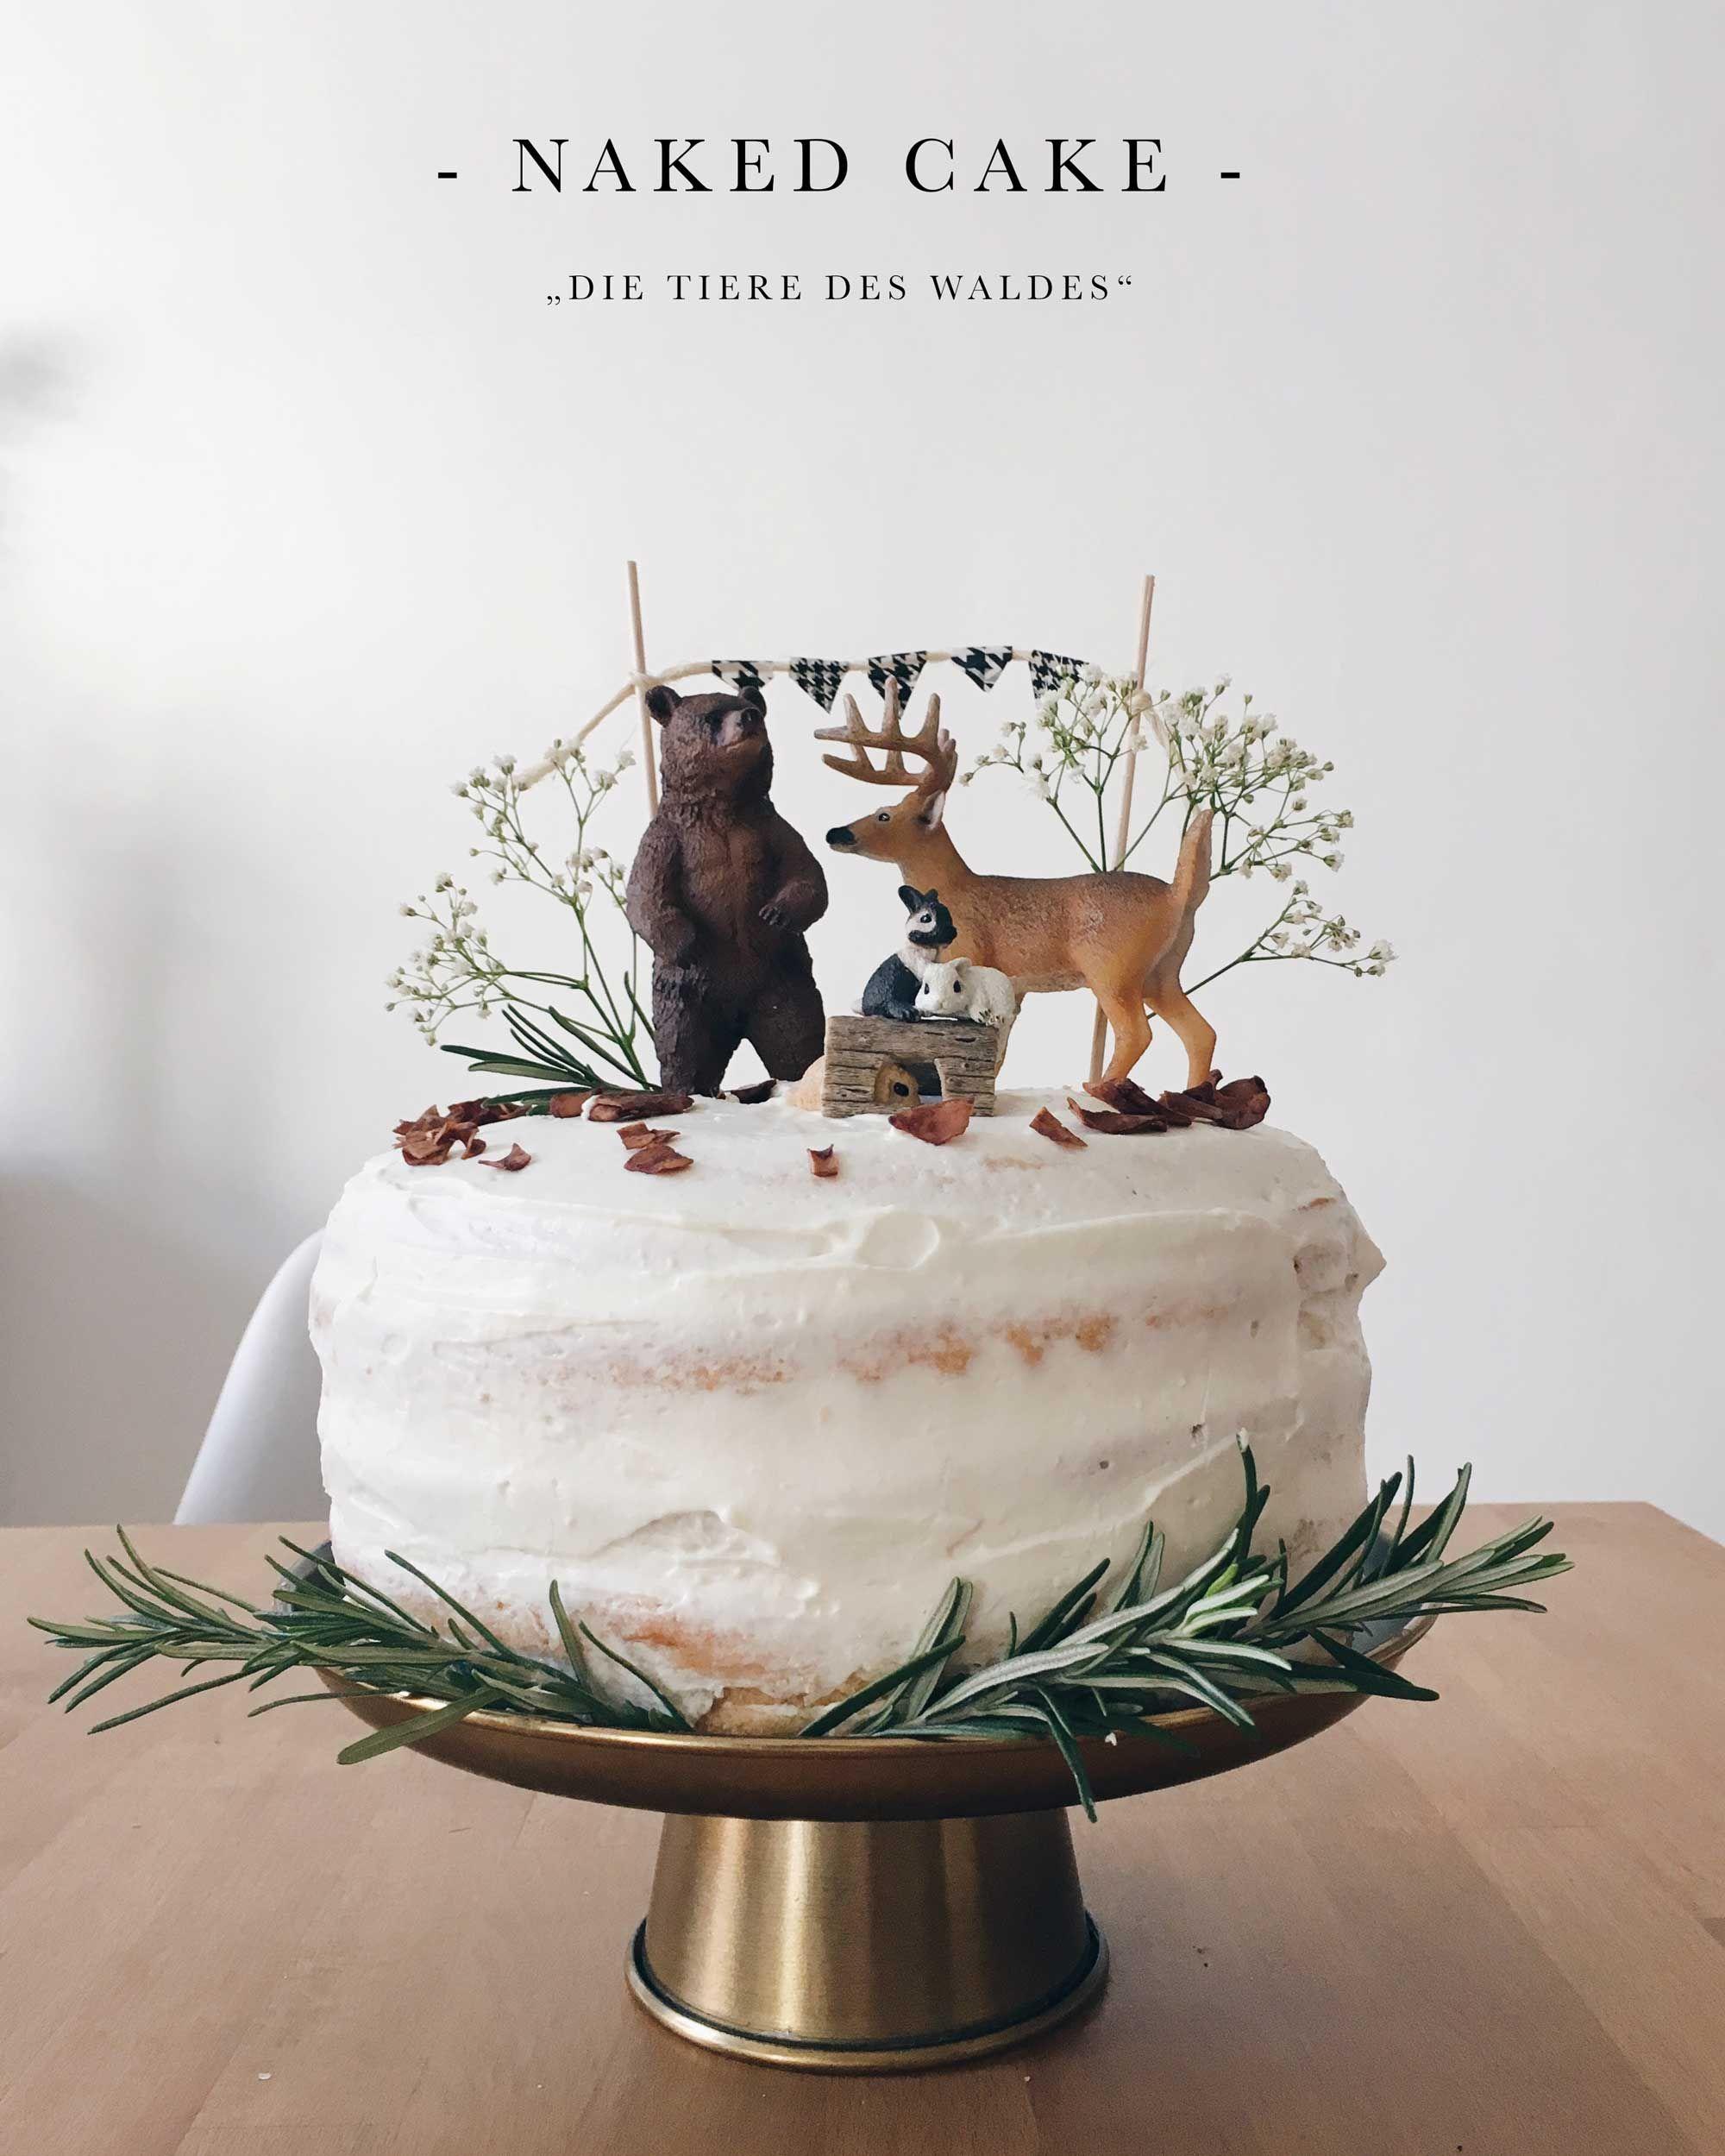 """Geburtstagstorte """"Die Tiere des Waldes"""" Naked Cake mit Mascarpone"""